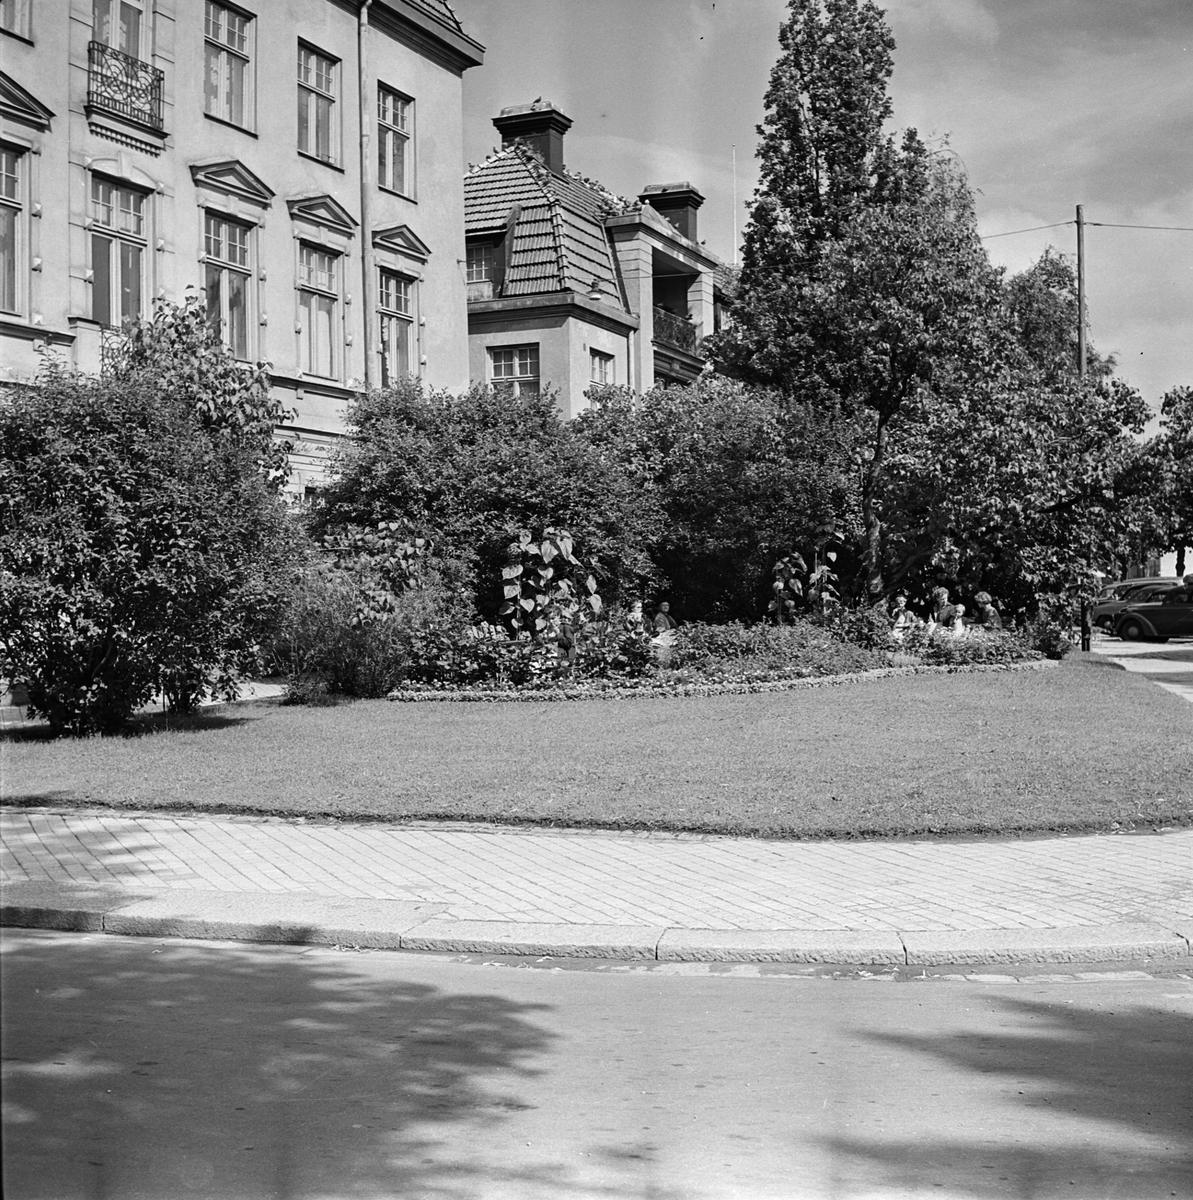 Bostadshus, Bangårdsgatan 2, kvarteret Kroken, Dragarbrunn, Uppsala